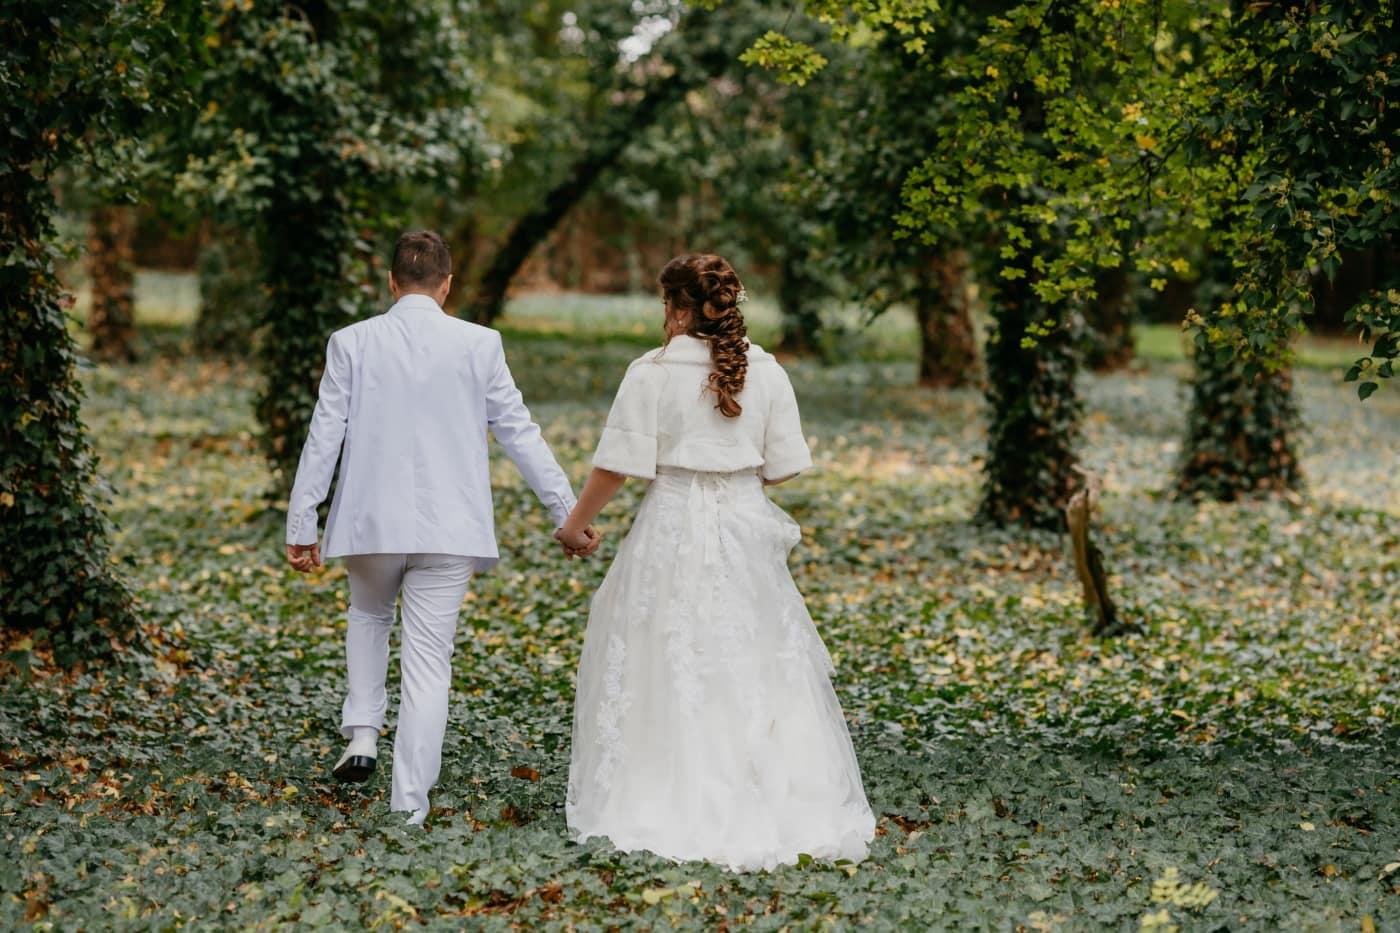 Smokinganzug, weiß, Hochzeitskleid, Fuß, Mann, Wald, Efeu, Ehefrau, Mädchen, verheiratet